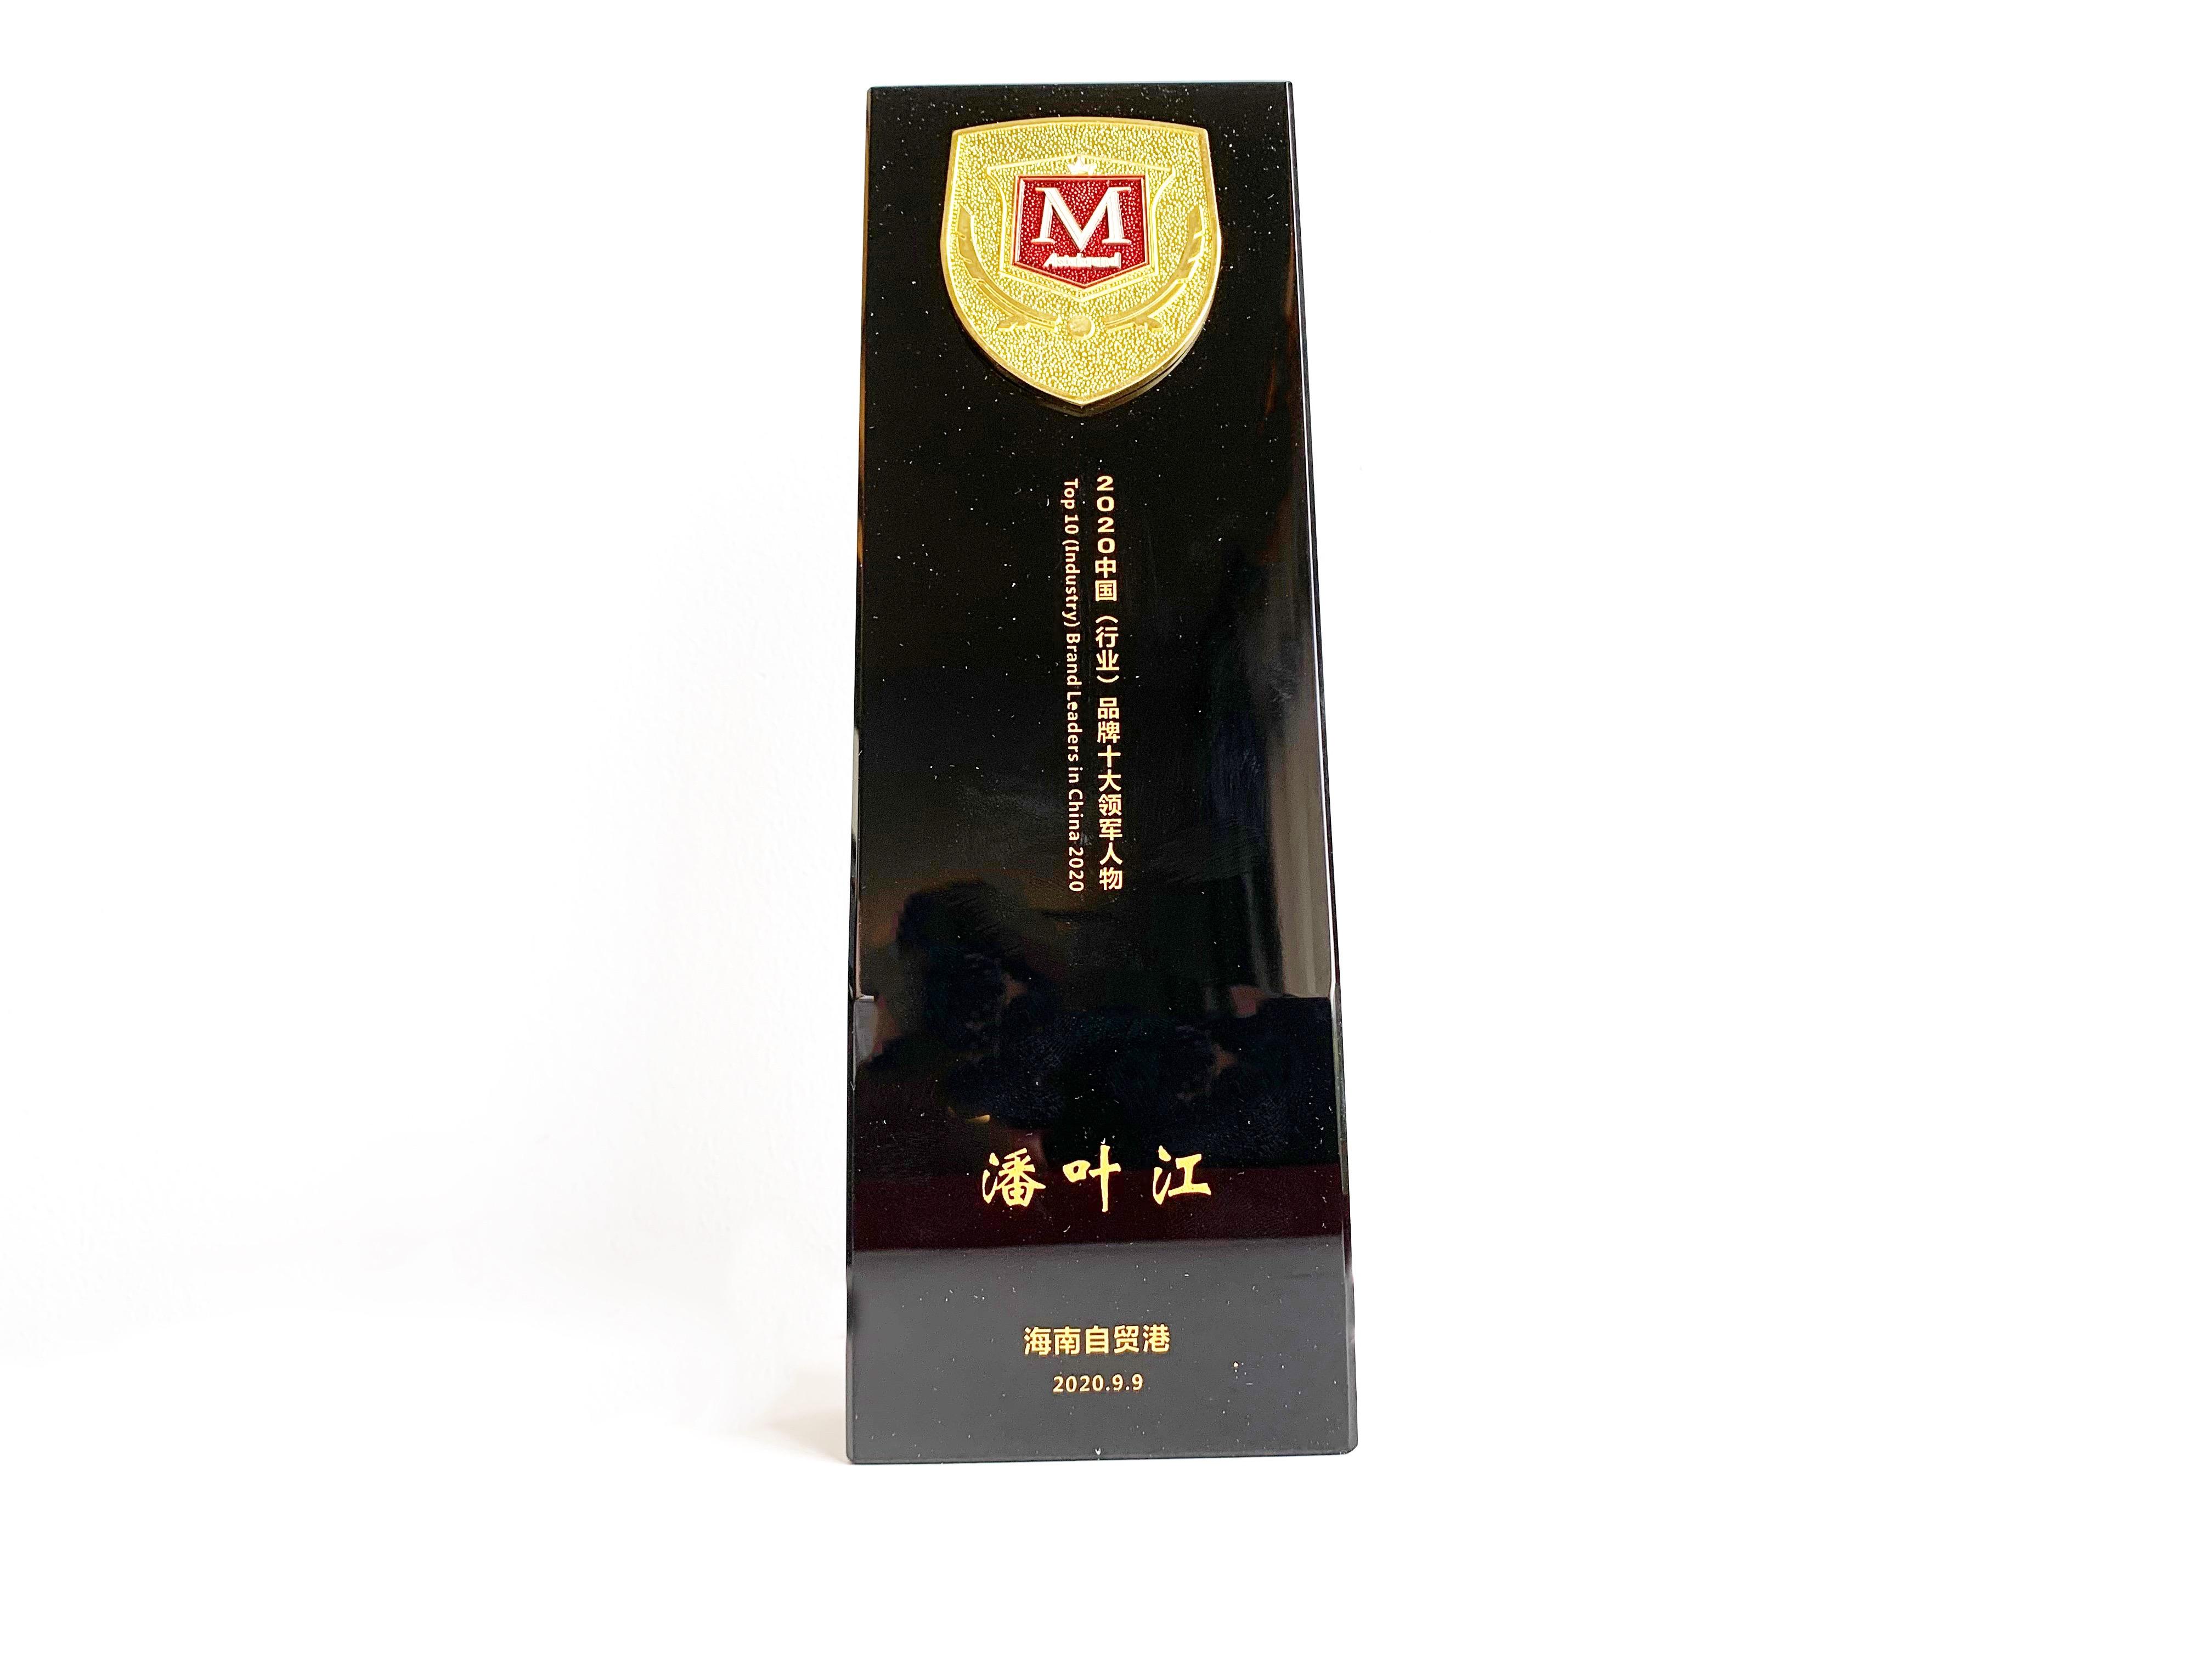 2020年第十五届亚洲品牌盛典华帝荣获多项大奖